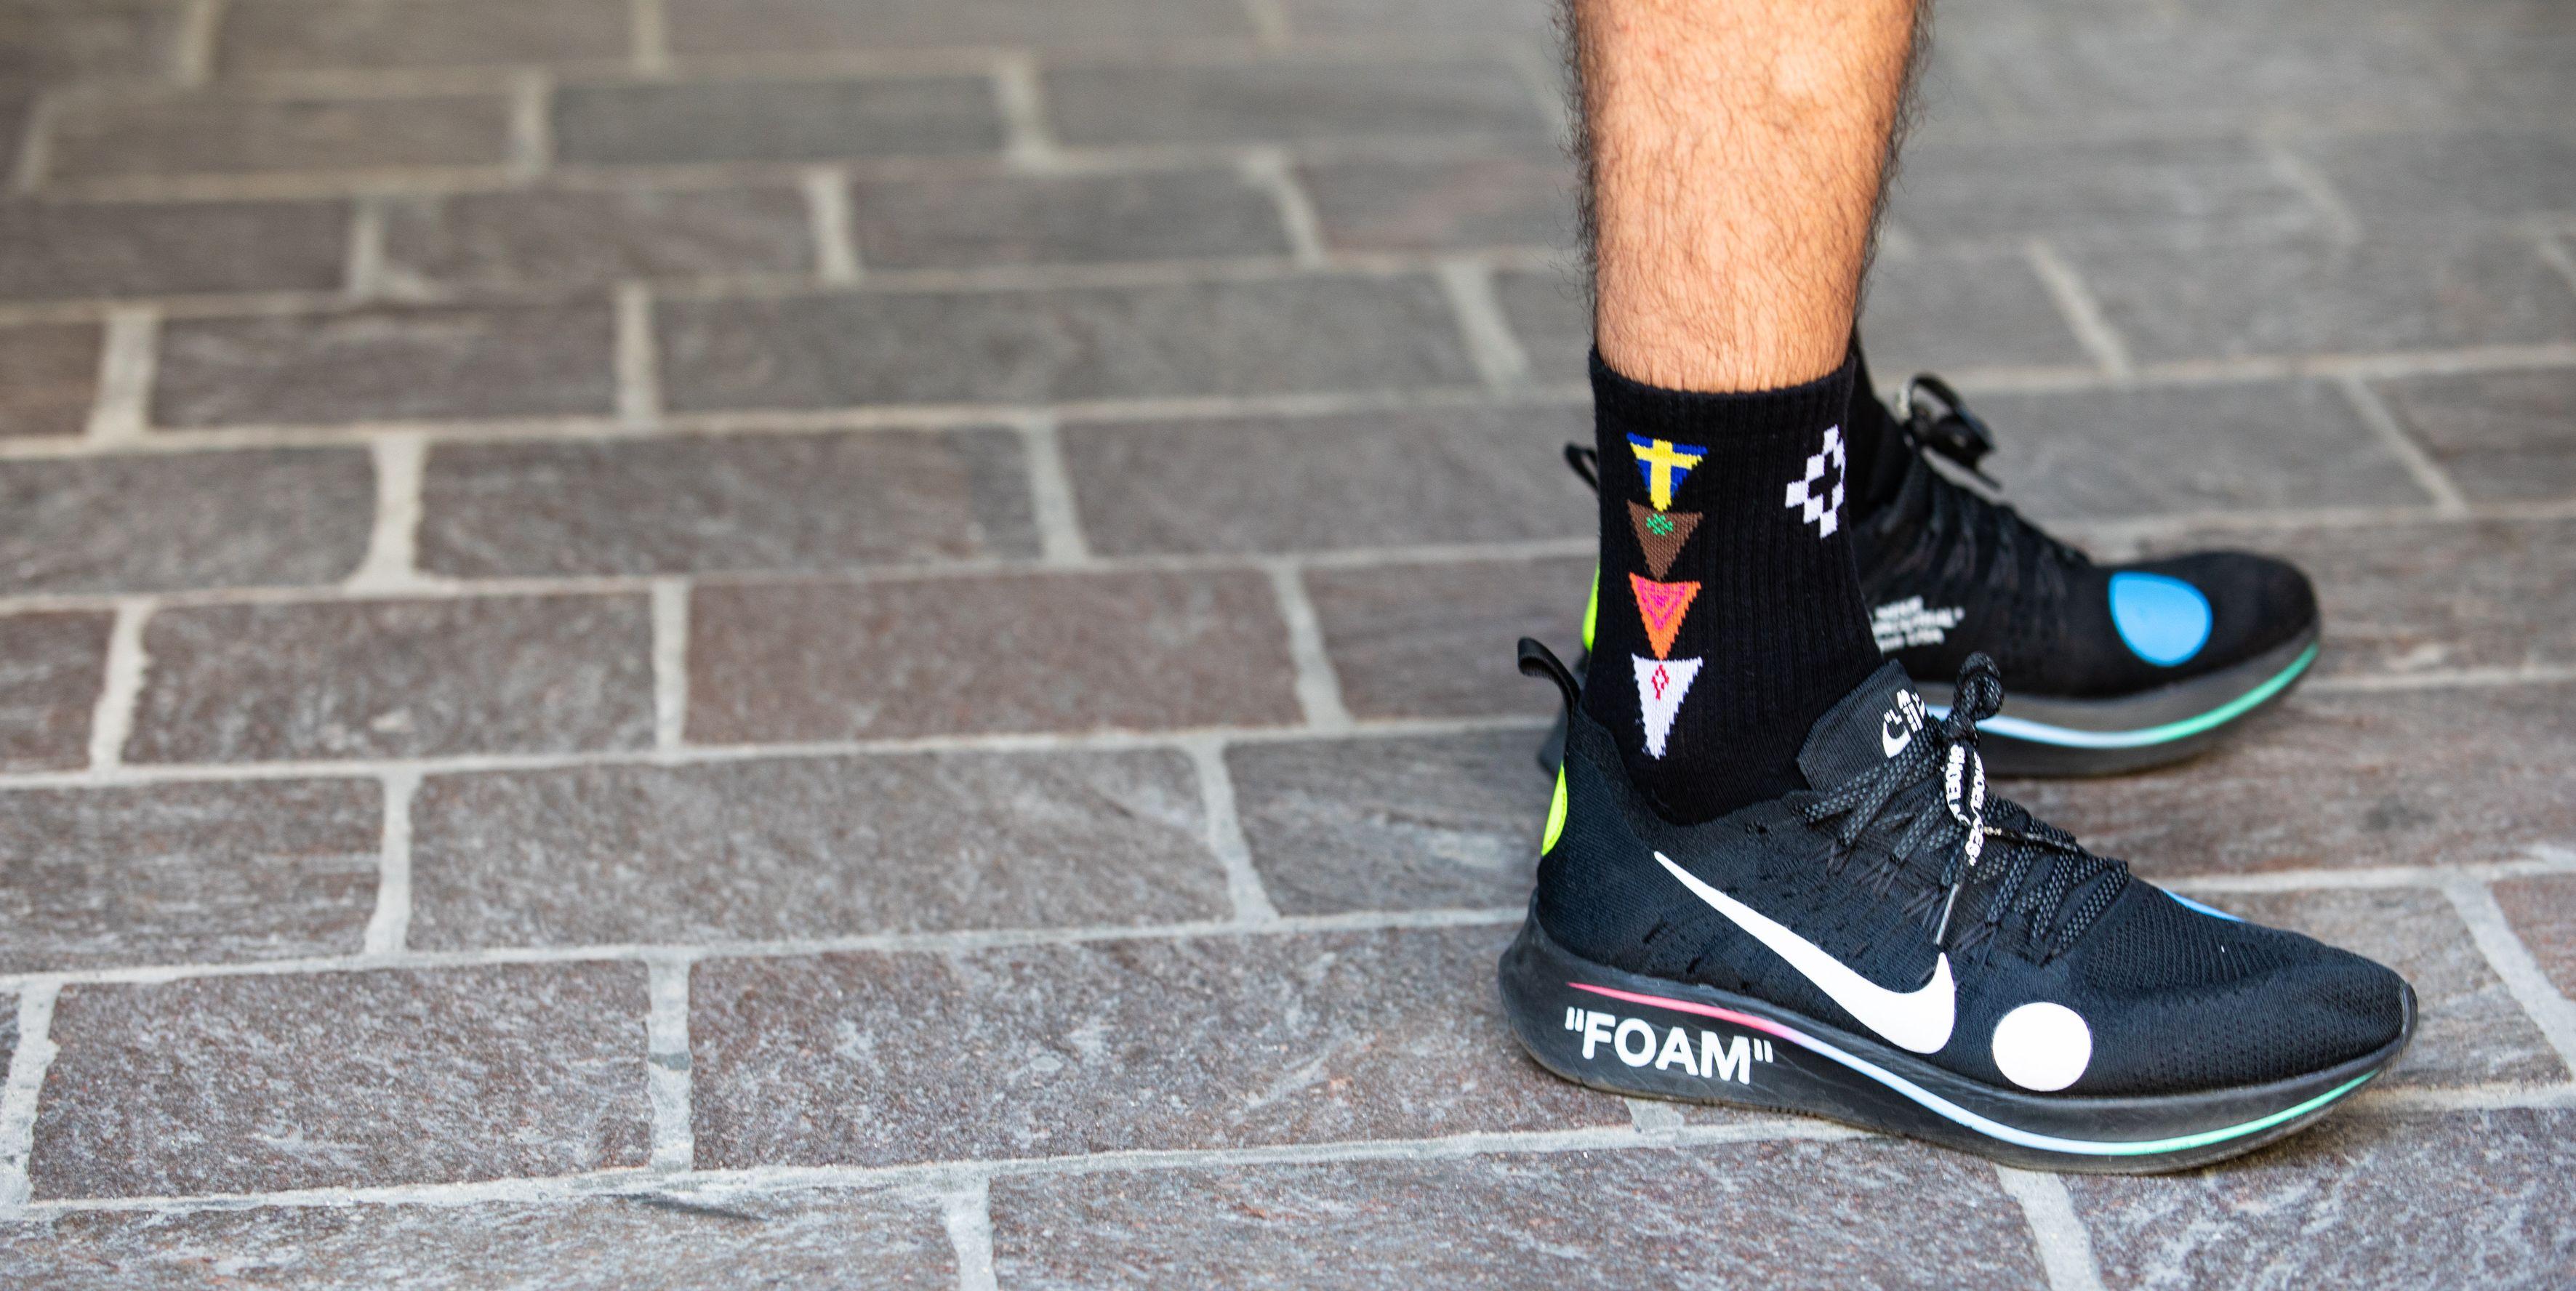 zapatillas hombre street style 2018, zapatillas rebajas hombre, zapatillas rebajas hombre verano 2018